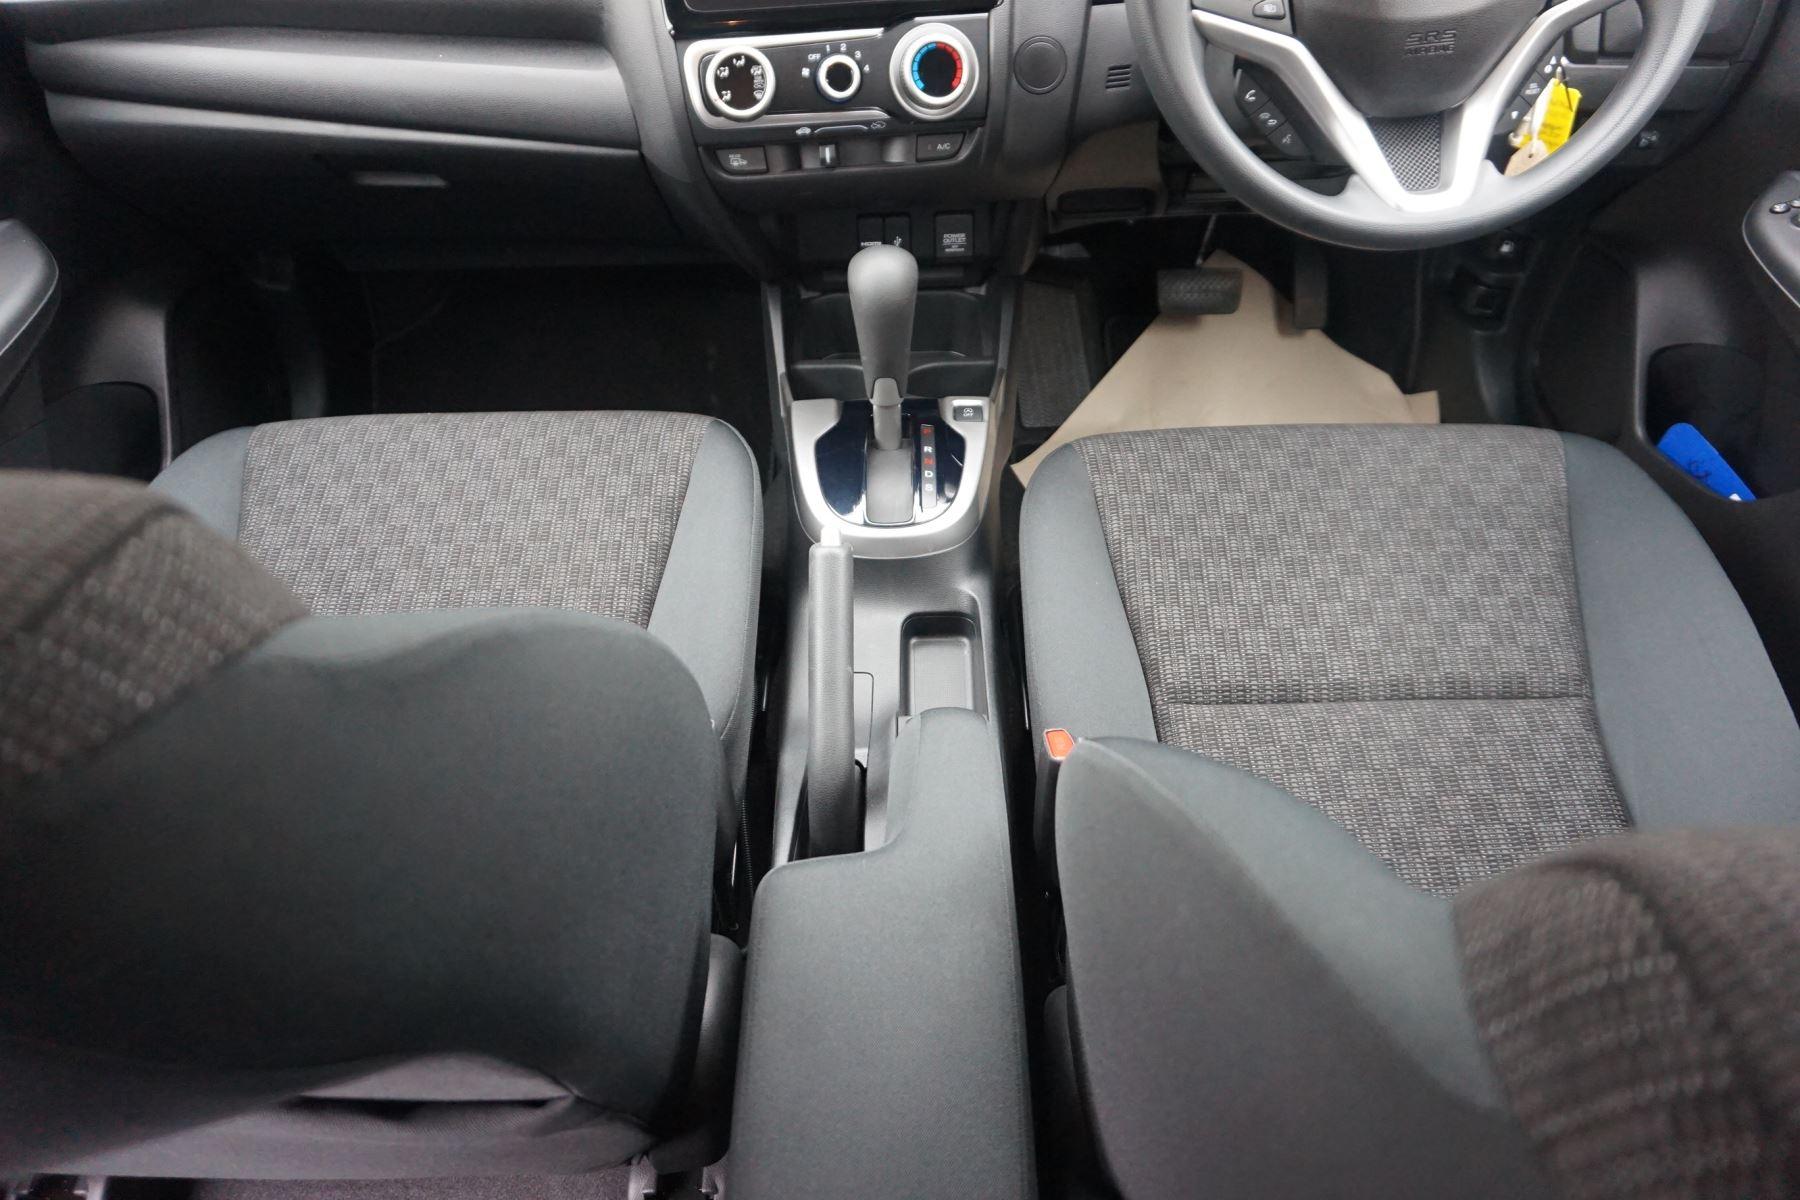 Honda Jazz 1.3 SE Navi CVT image 15